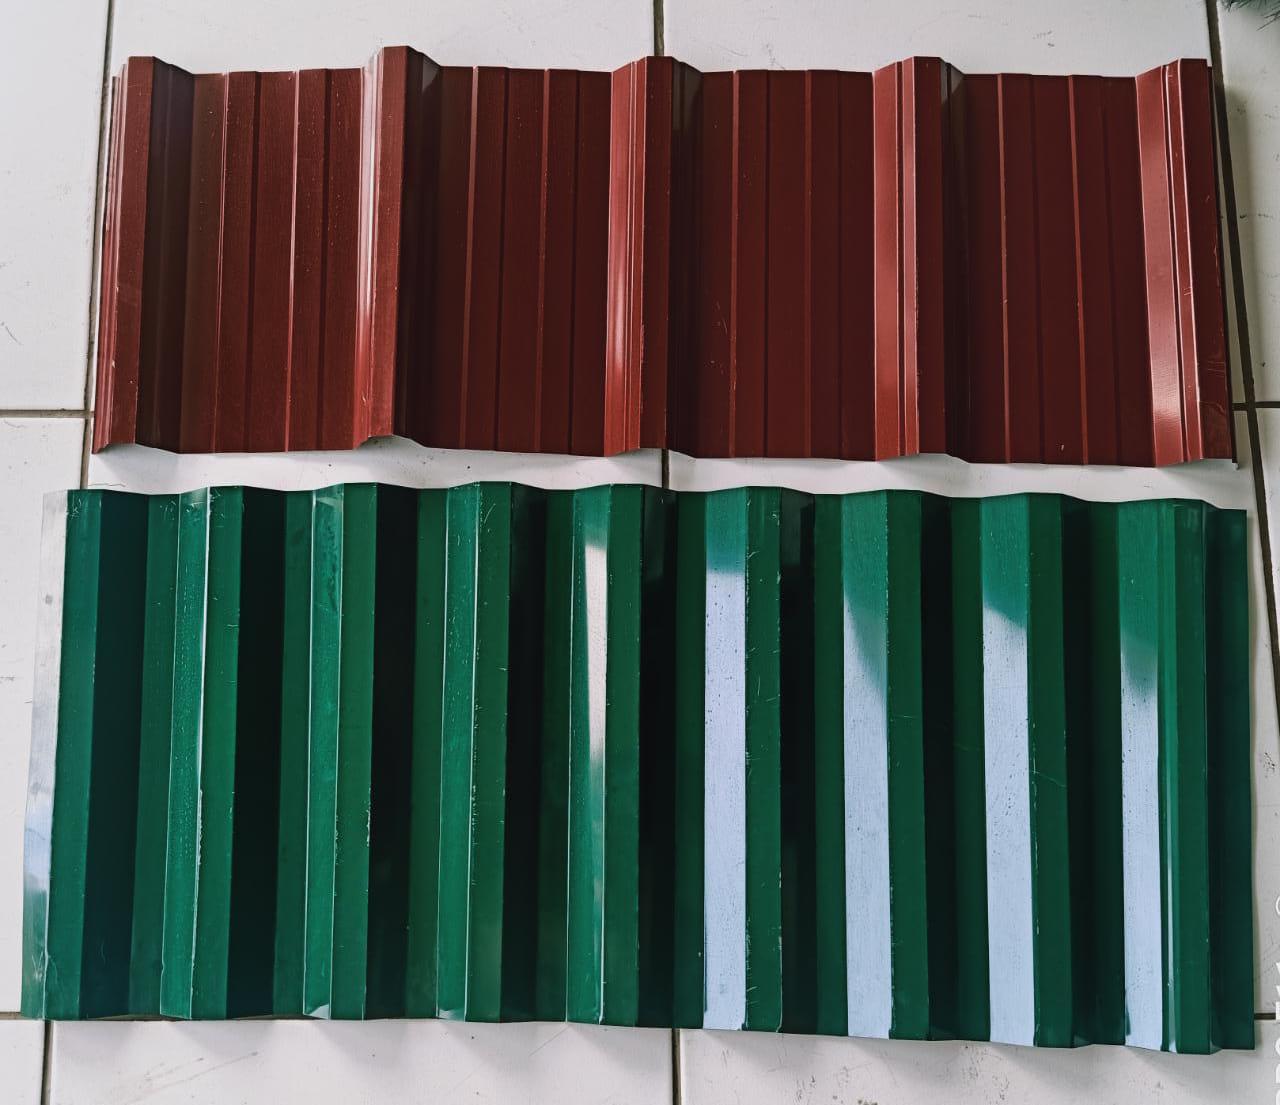 Harga Atap Spandek Tangerang Per Meter